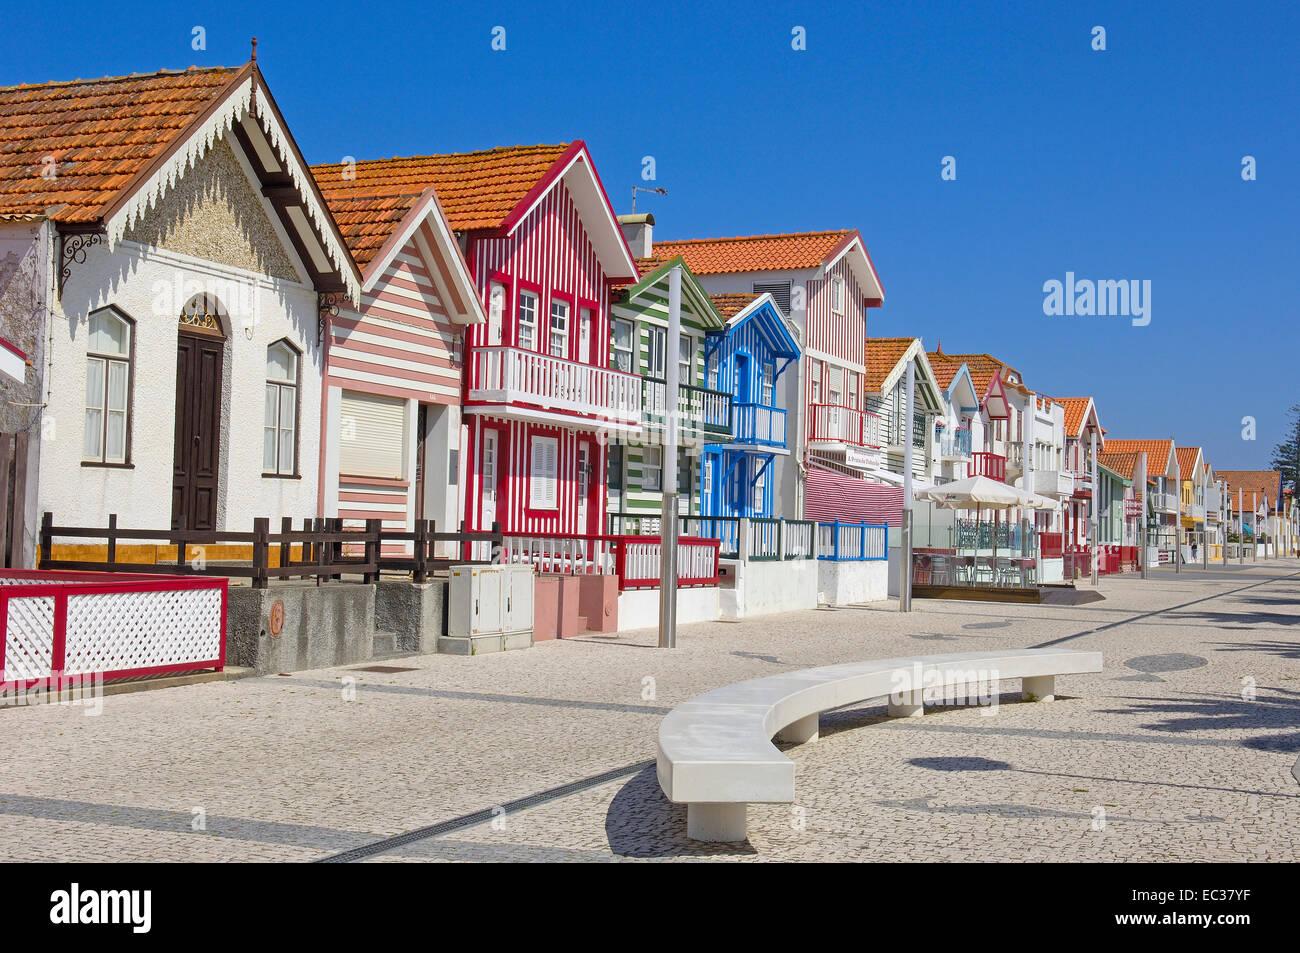 Palheiros, colourful houses, Costa Nova, Aveiro, Beiras region, Portugal, Europe Stock Photo